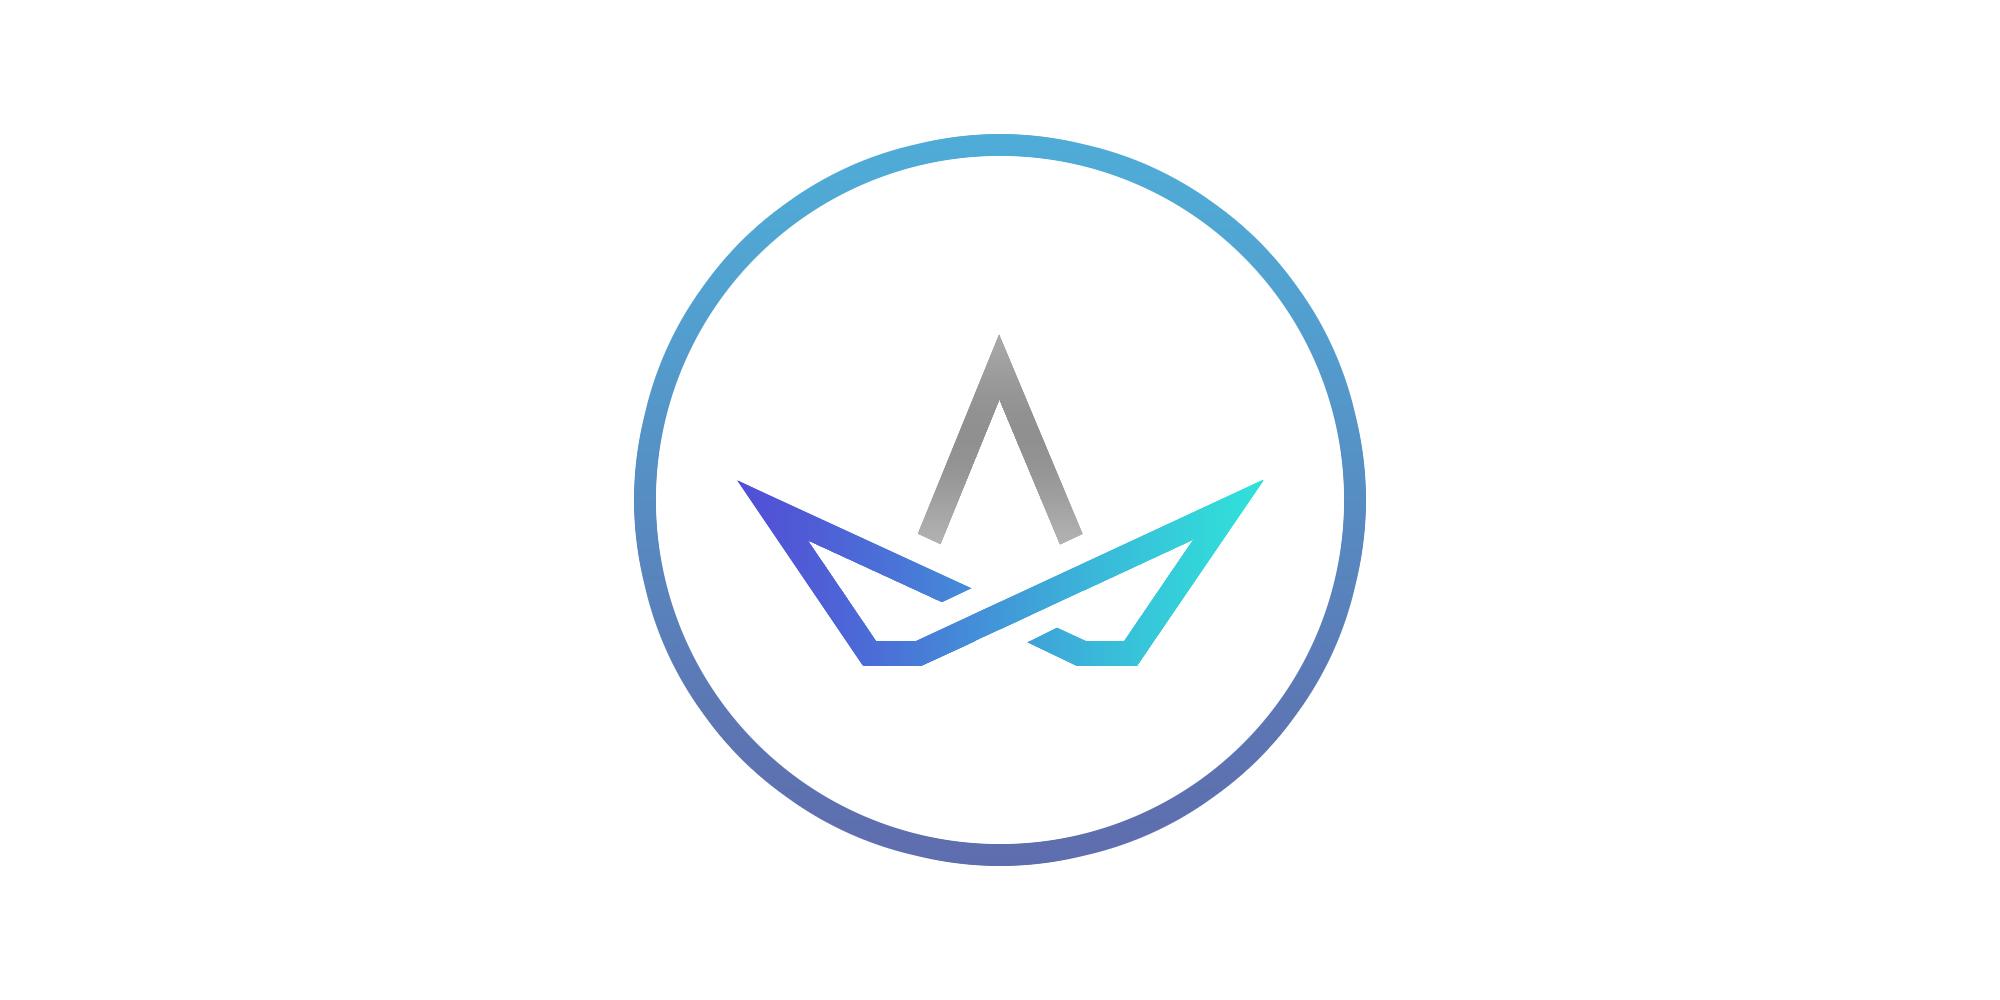 https://foogleseo.com/wp-content/plugins/kingcomposer/assets/images/get_start.jpg